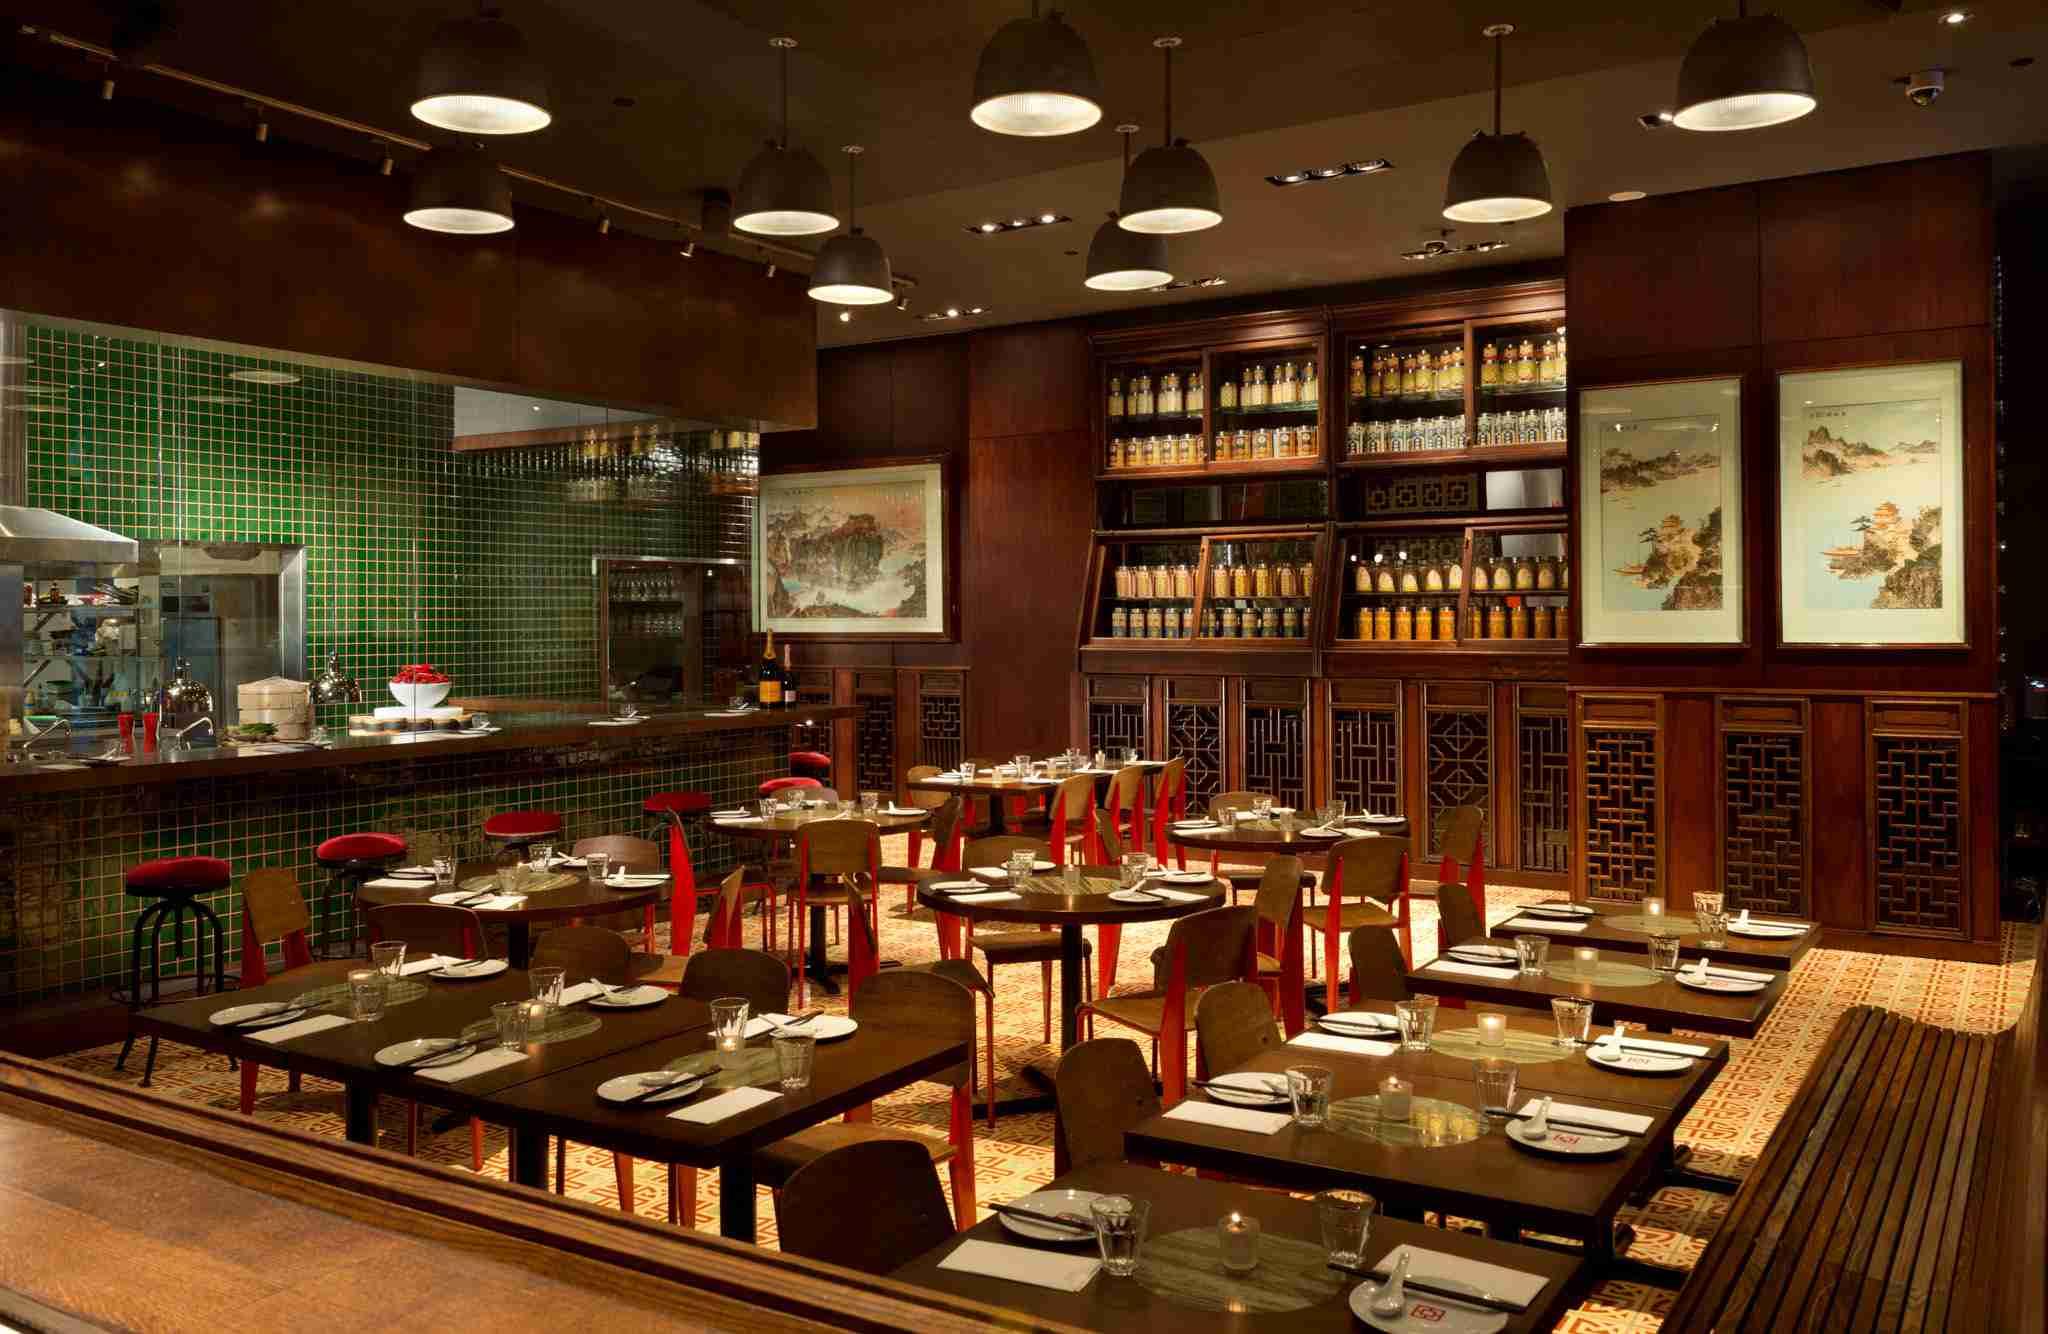 Susur Lee's Luckee restaurant in Toronto